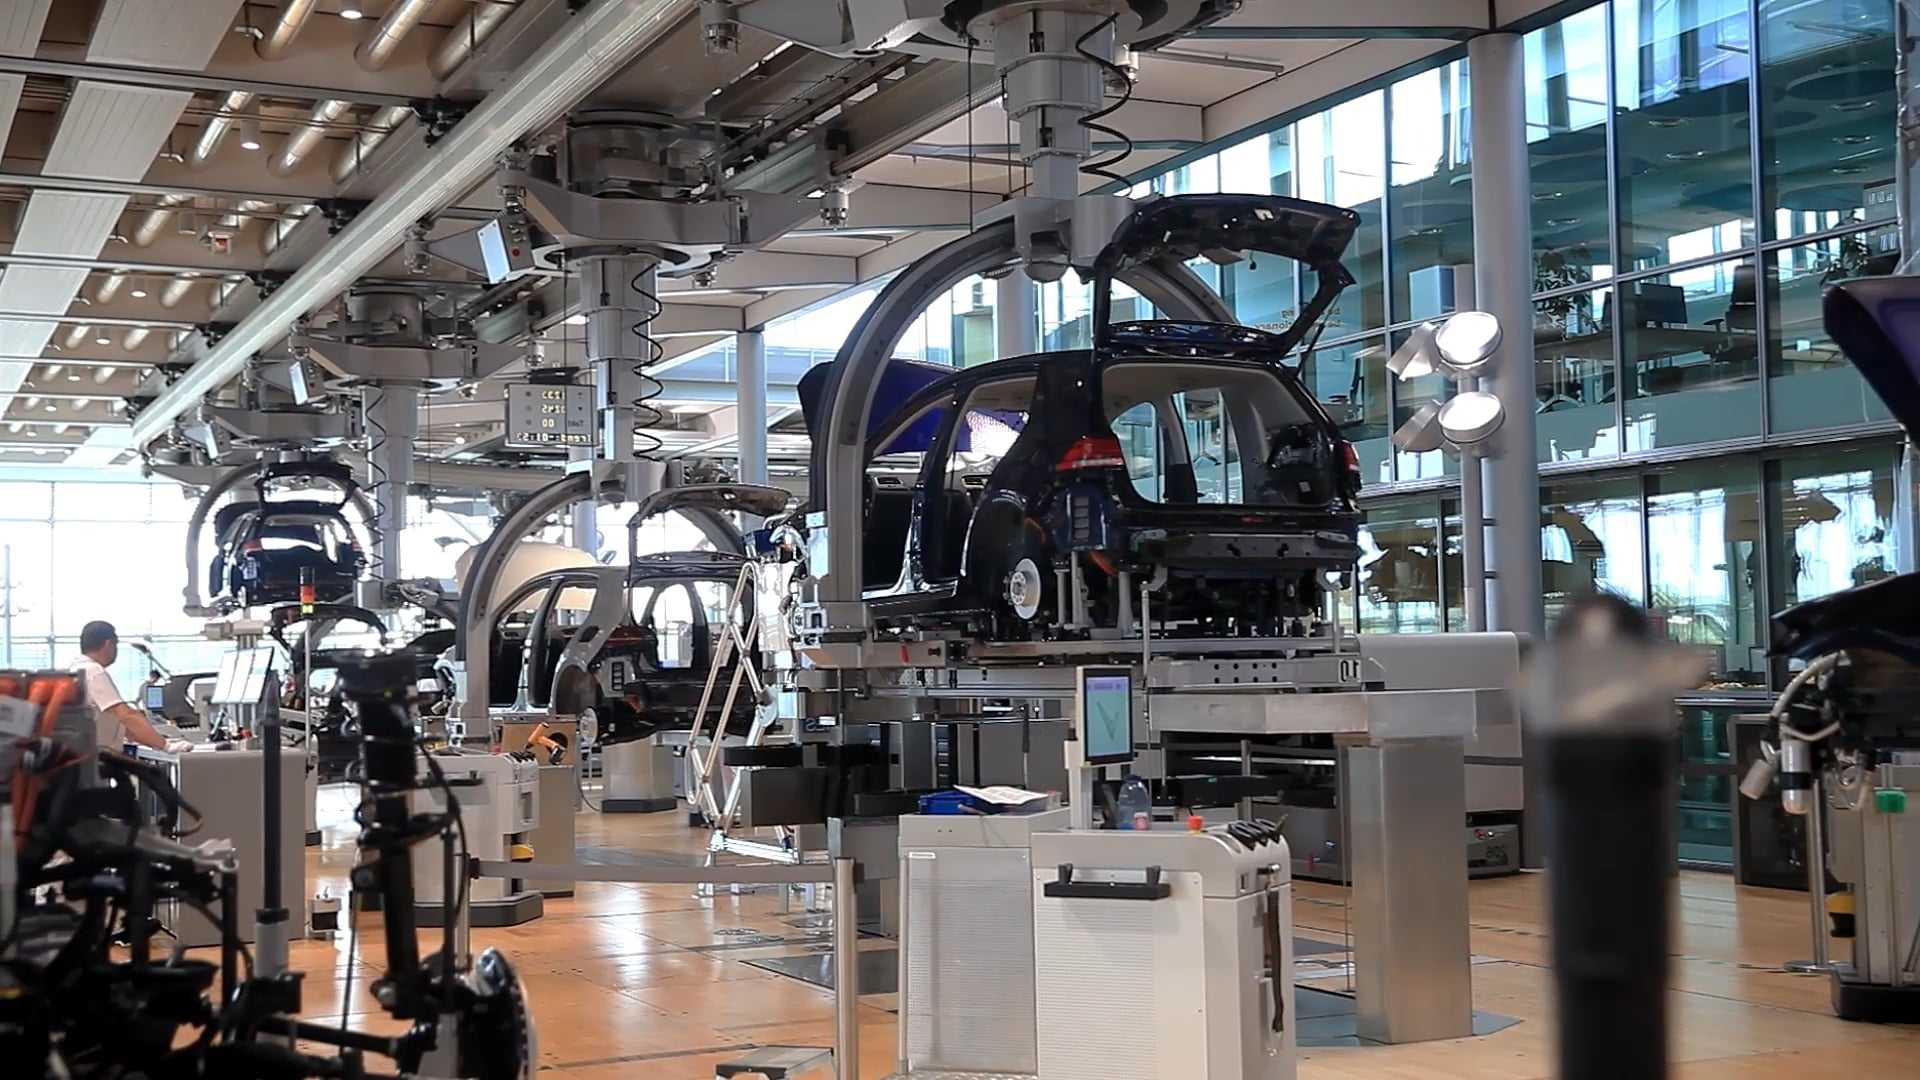 Atlas Copco at VW Gläserne Manufaktur - QA Plattform   Commercial for the Industry